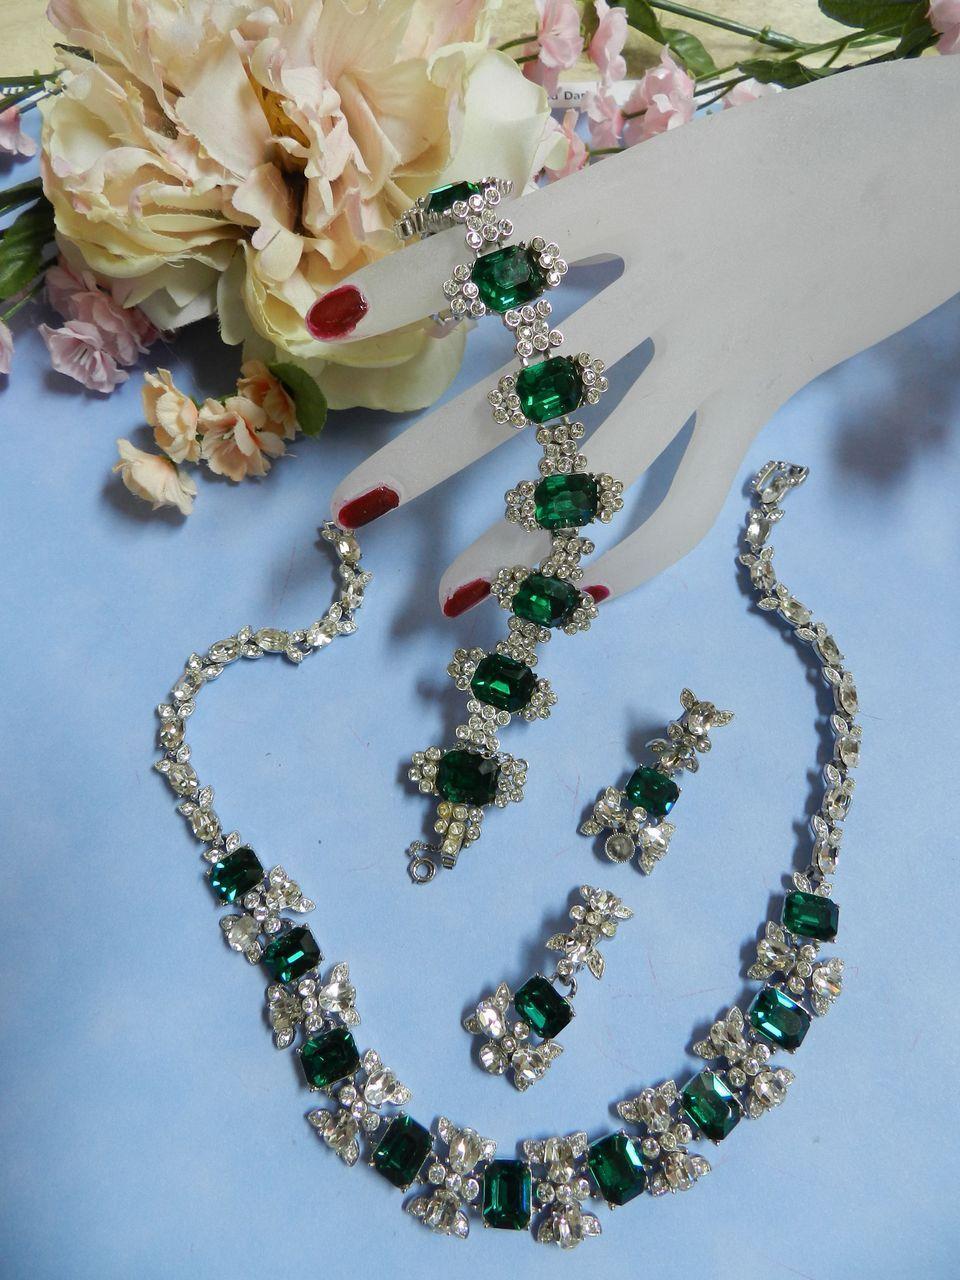 Return to Elegance Encrusted Rhinestone Vintage Necklace bracelet earrings